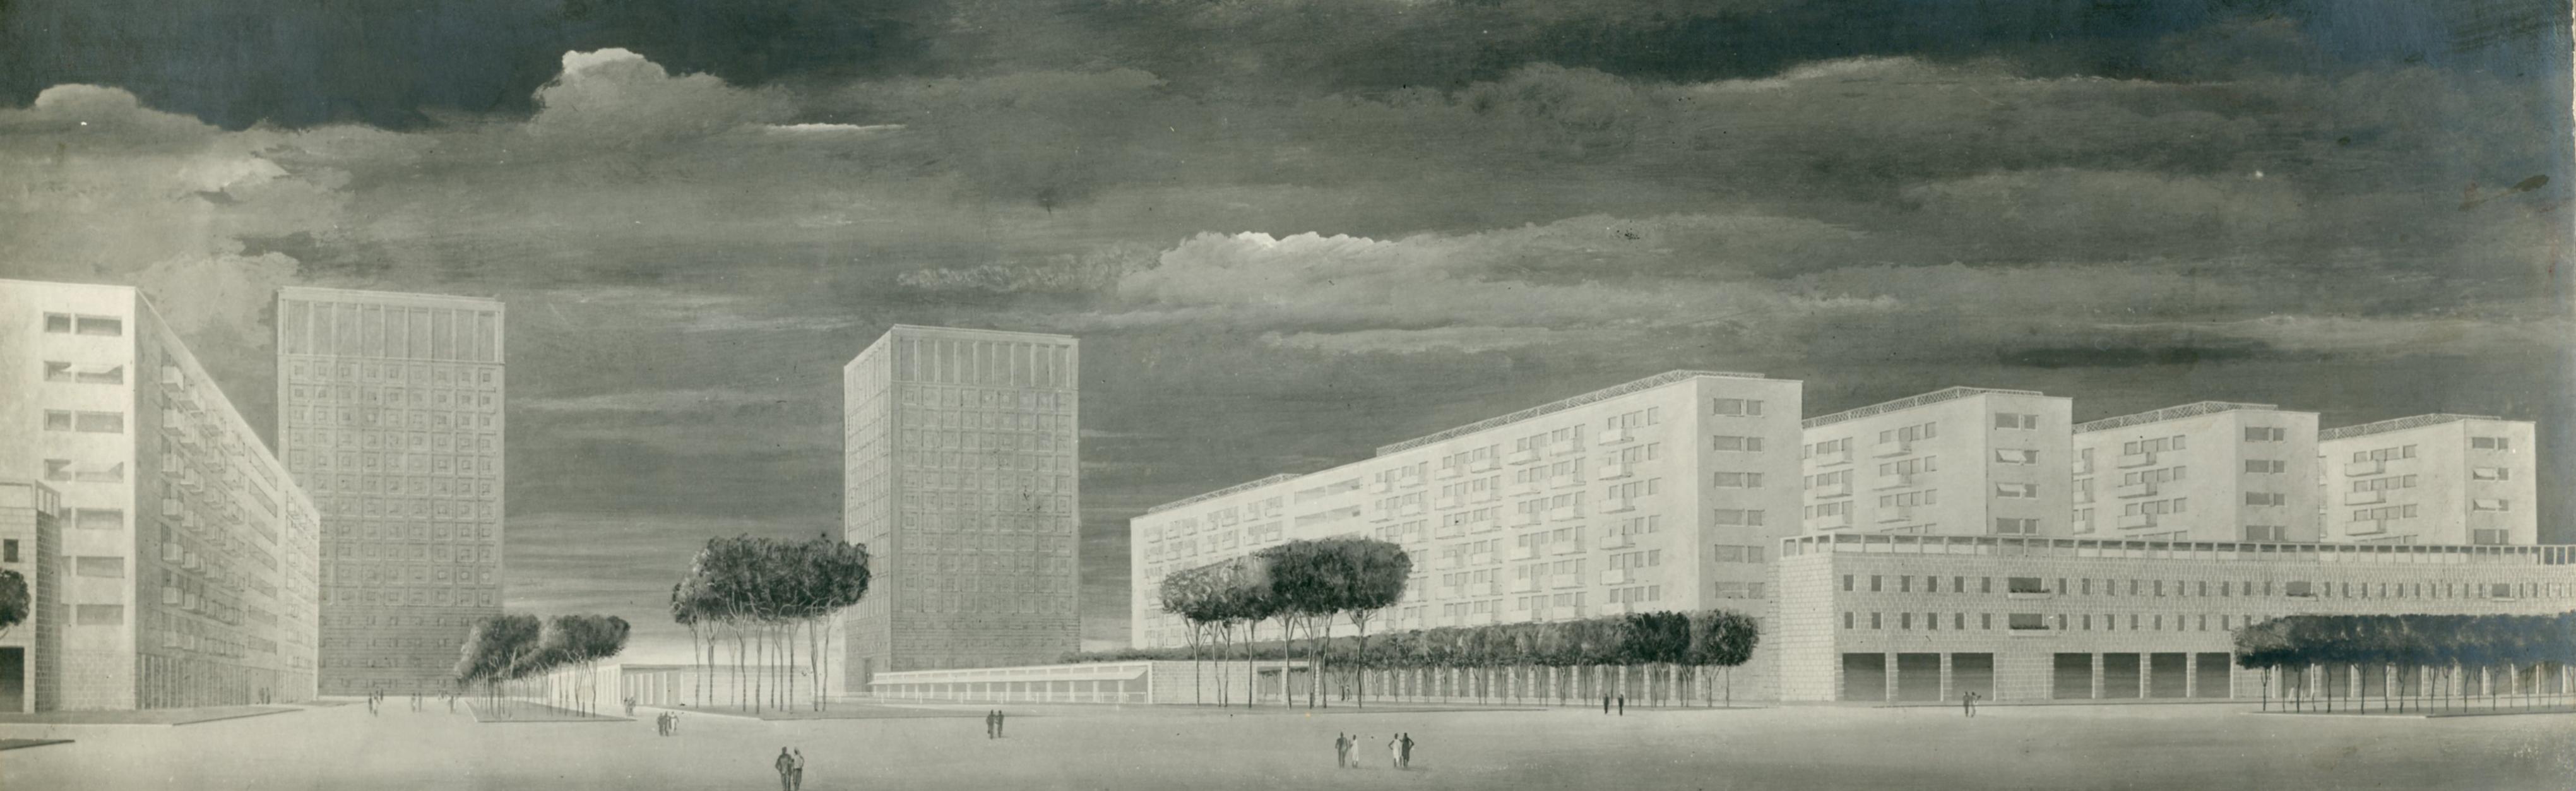 Progetto di lottizzazione per tipi di case d'abitazione sulla via Imperiale, Roma